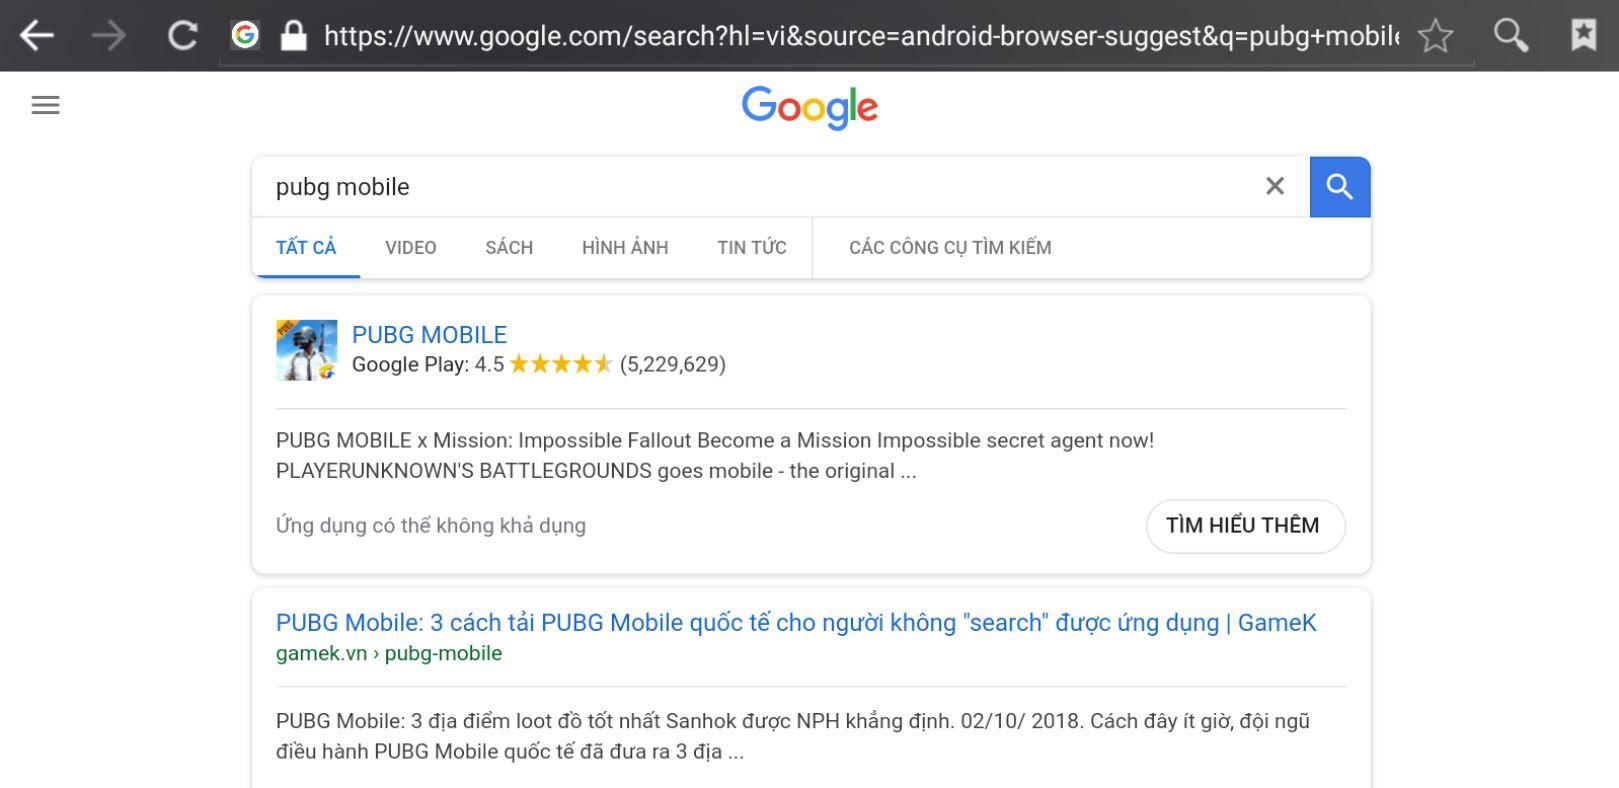 Tìm kiếm trên google vẫn thấy PUBG Mobile